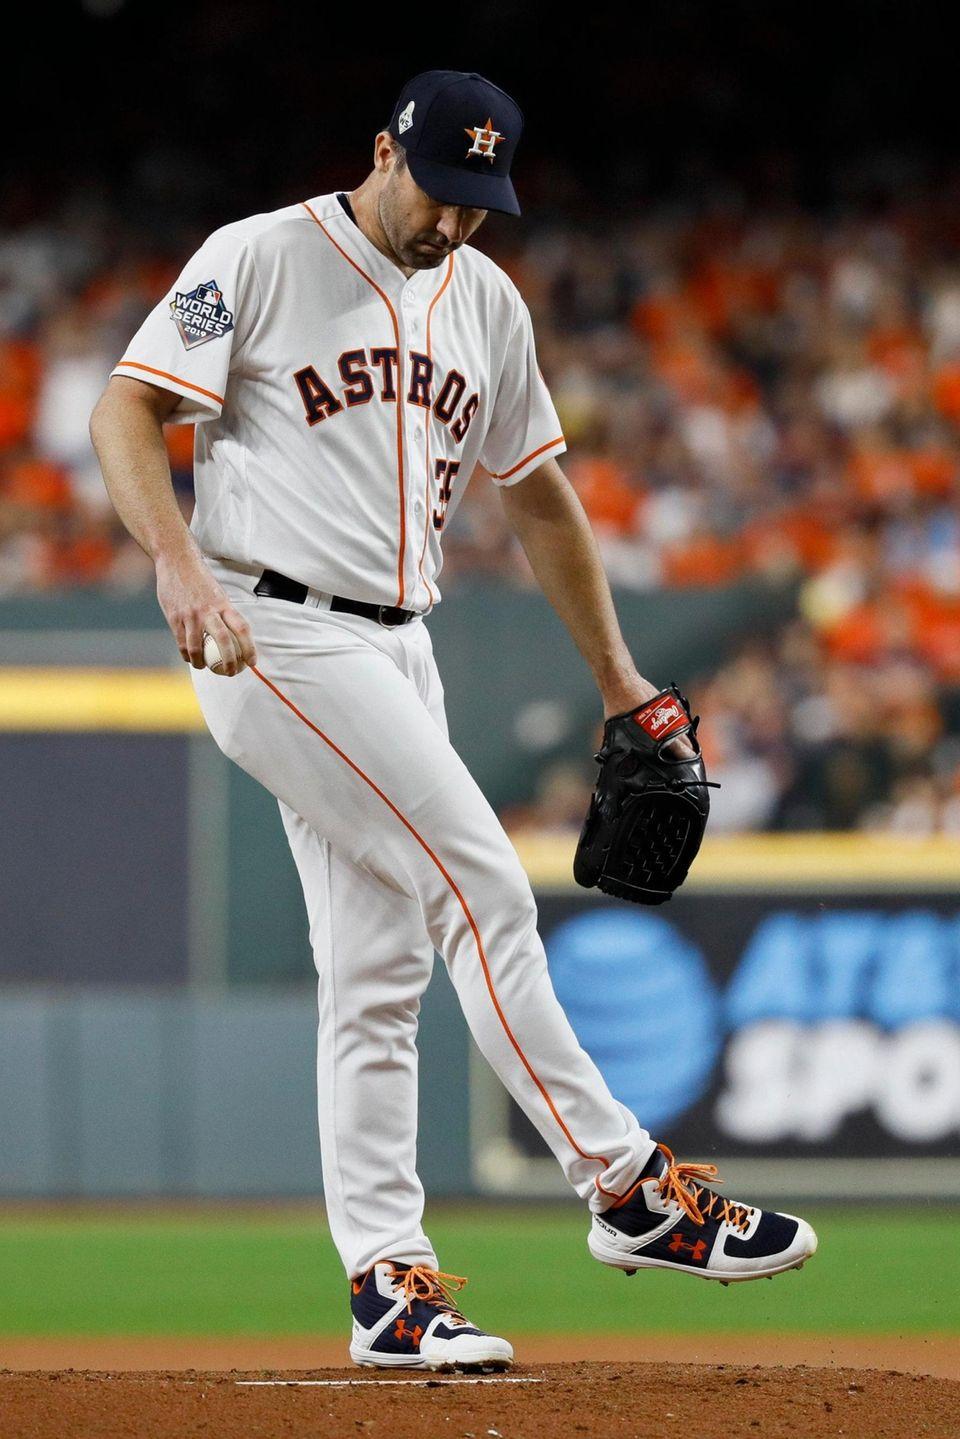 El lanzador titular de los Astros de Houston, Justin Verlander, patea el